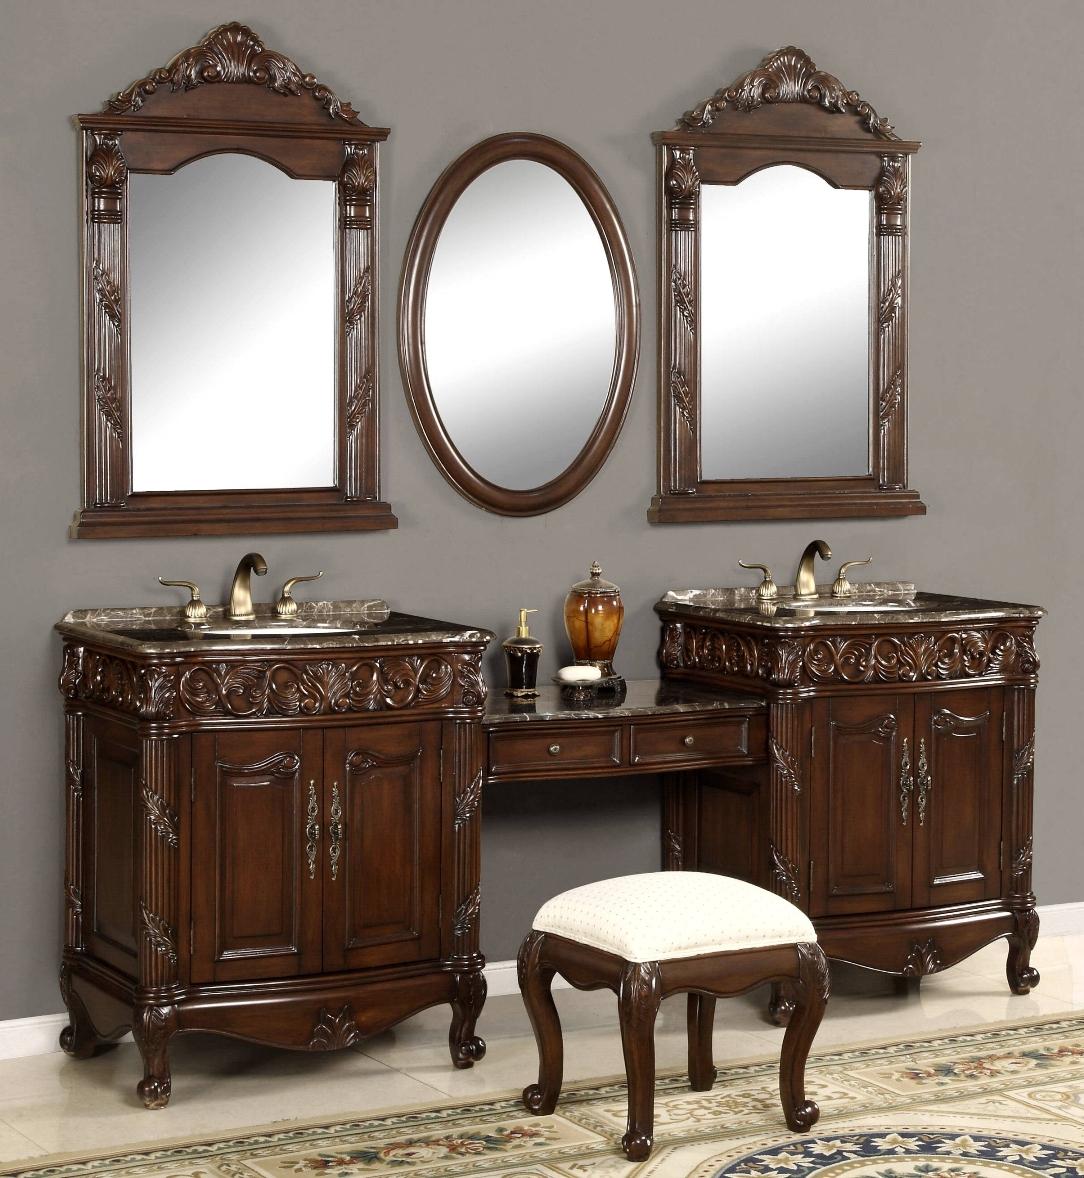 87-inch double vanities | vanity make-up stool